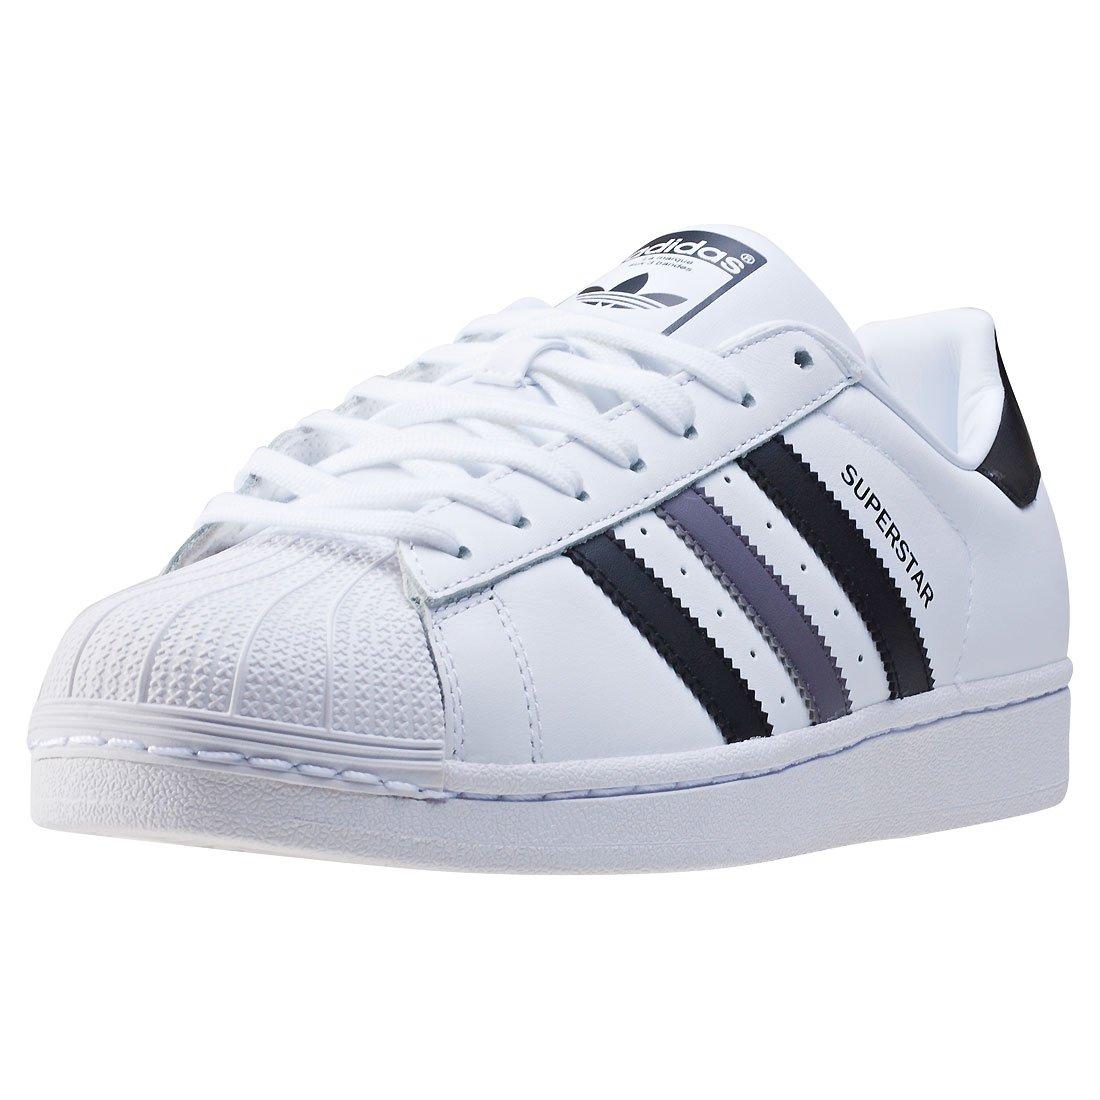 Adidas Turnschuhe Superstar BB2244 Weiß Schwarz